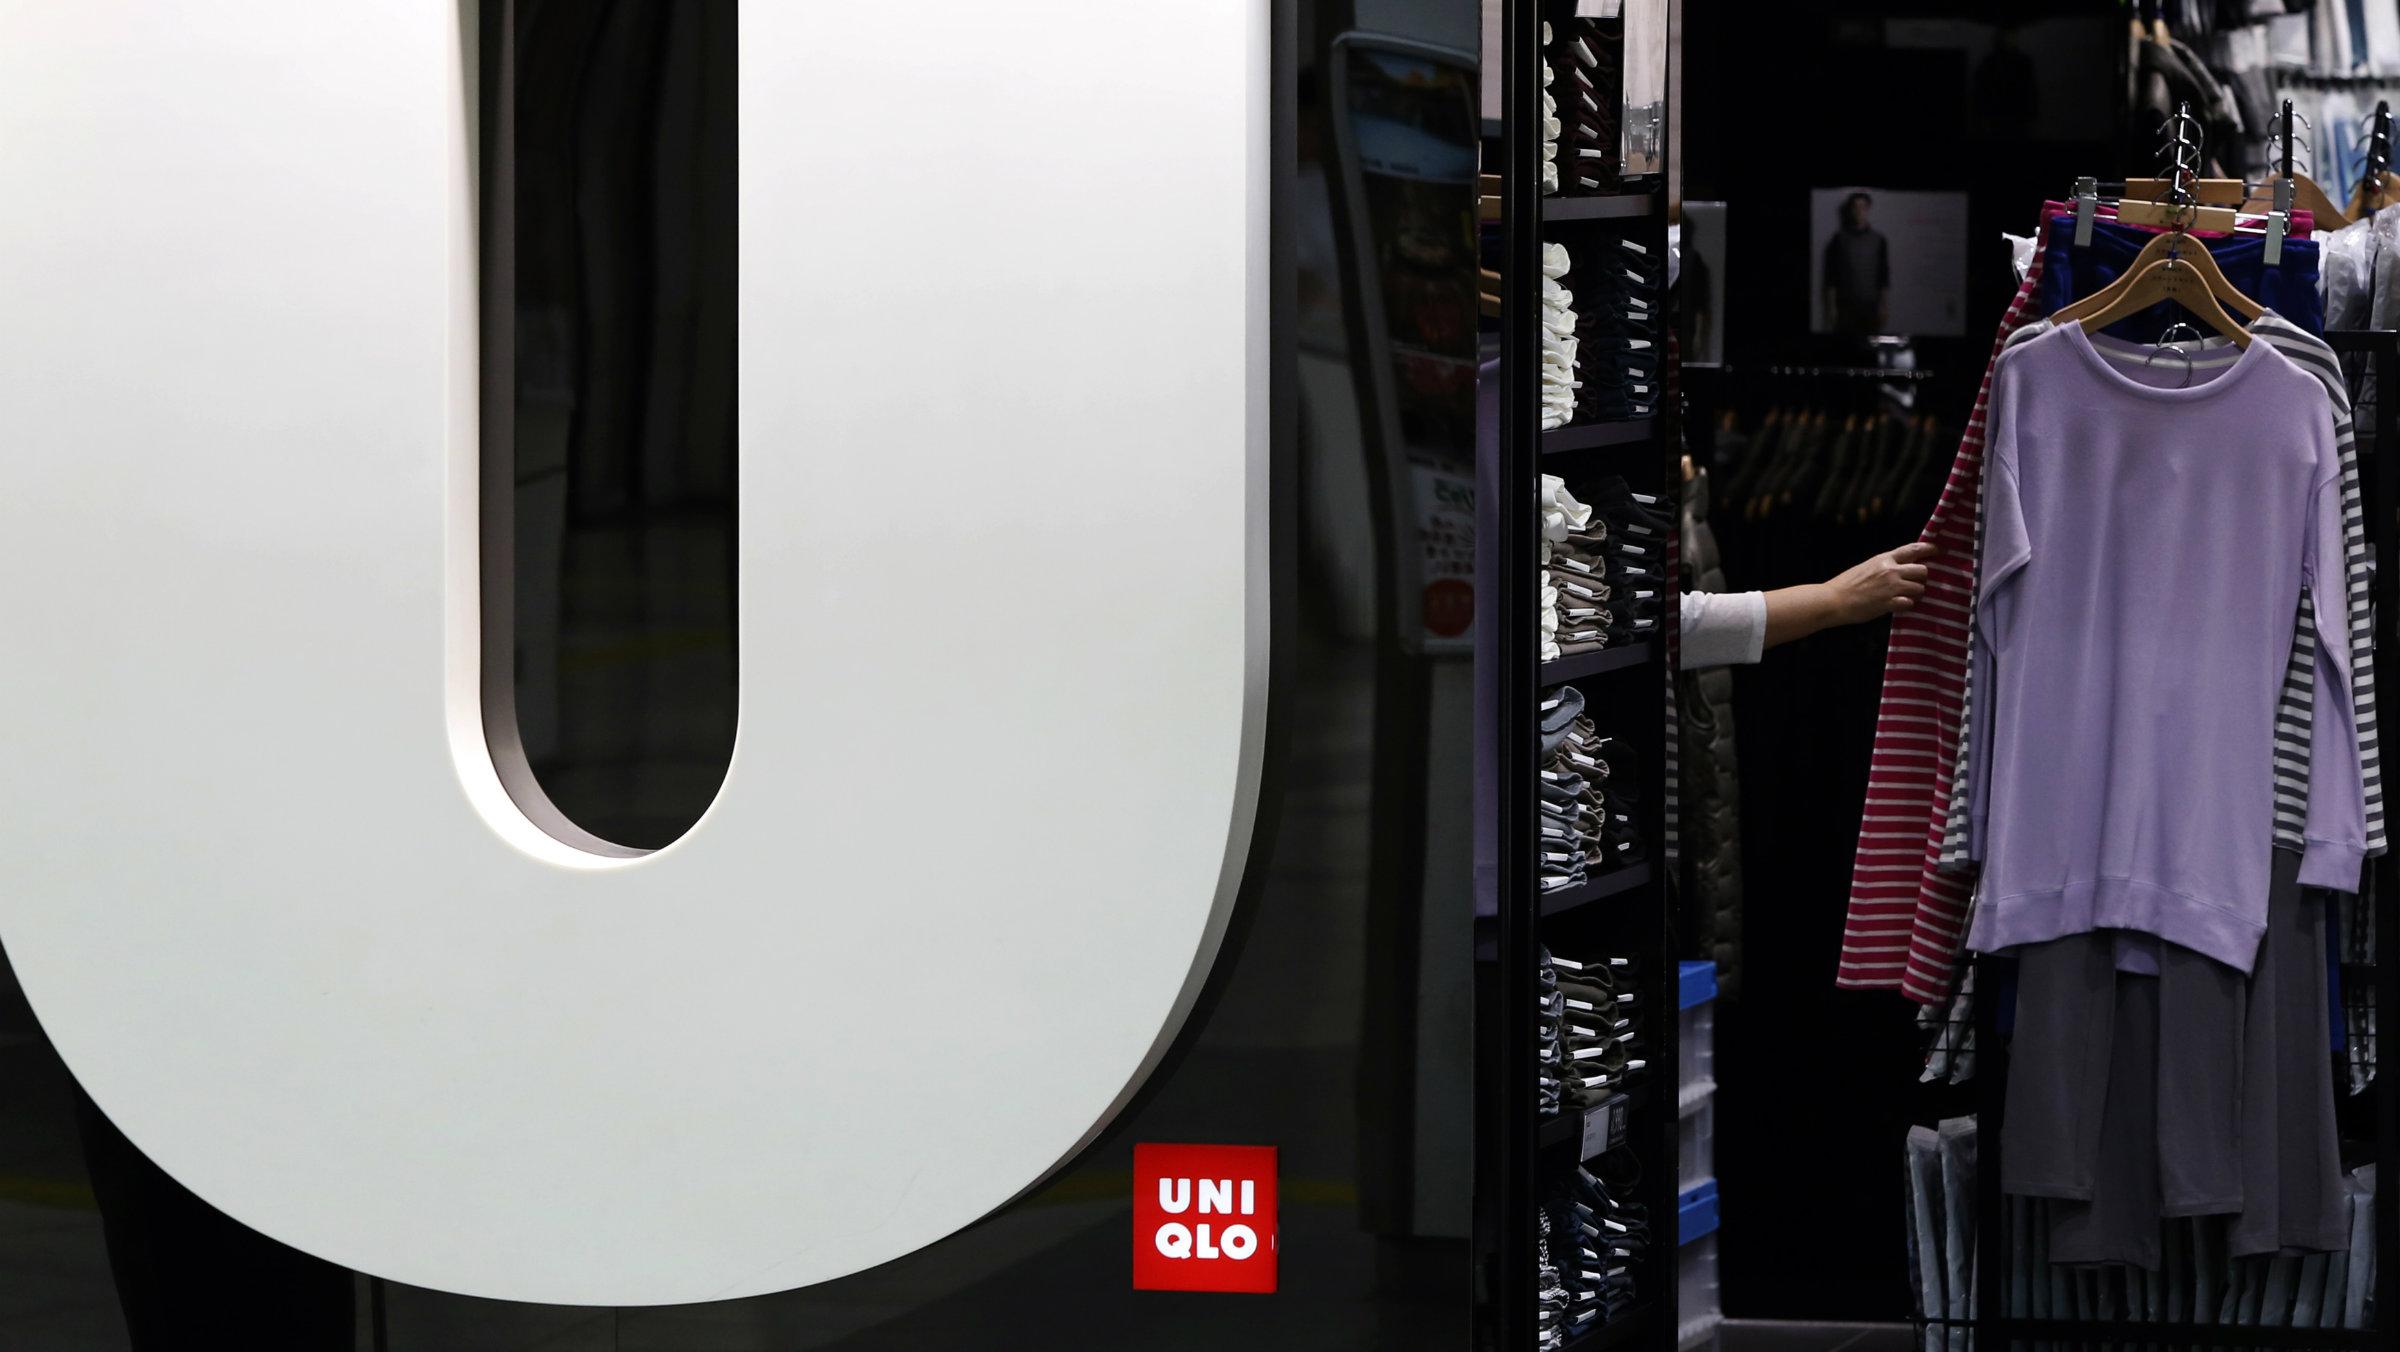 UNIQLO SIGN